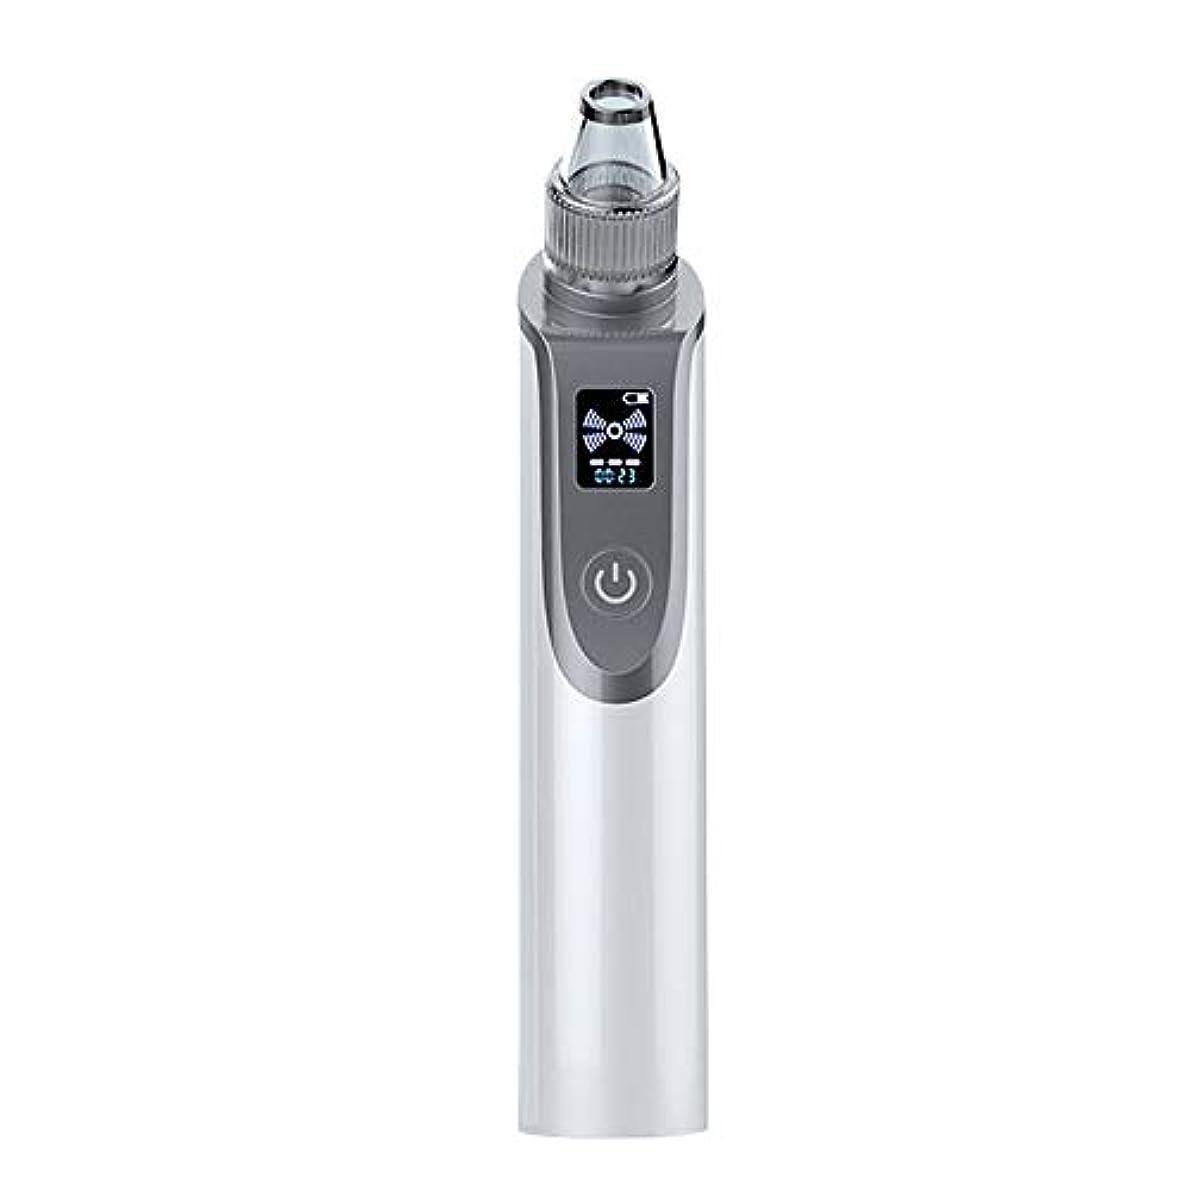 気性かもしれない不実にきび除去剤、にきび - にきび楽器 - 超音波美容器具 - 毛穴クリーナー